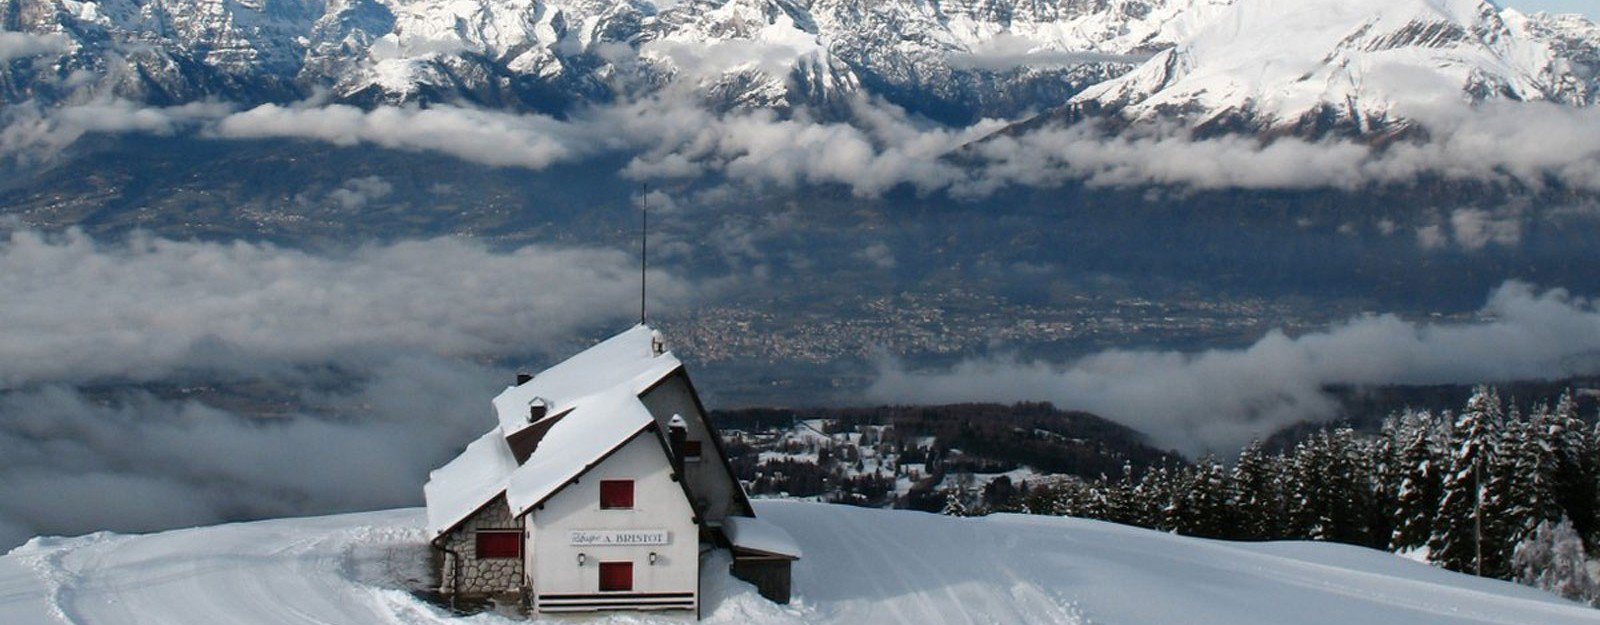 Alla scoperta della Valbelluna, una magnifica terrazza sulle Dolomiti